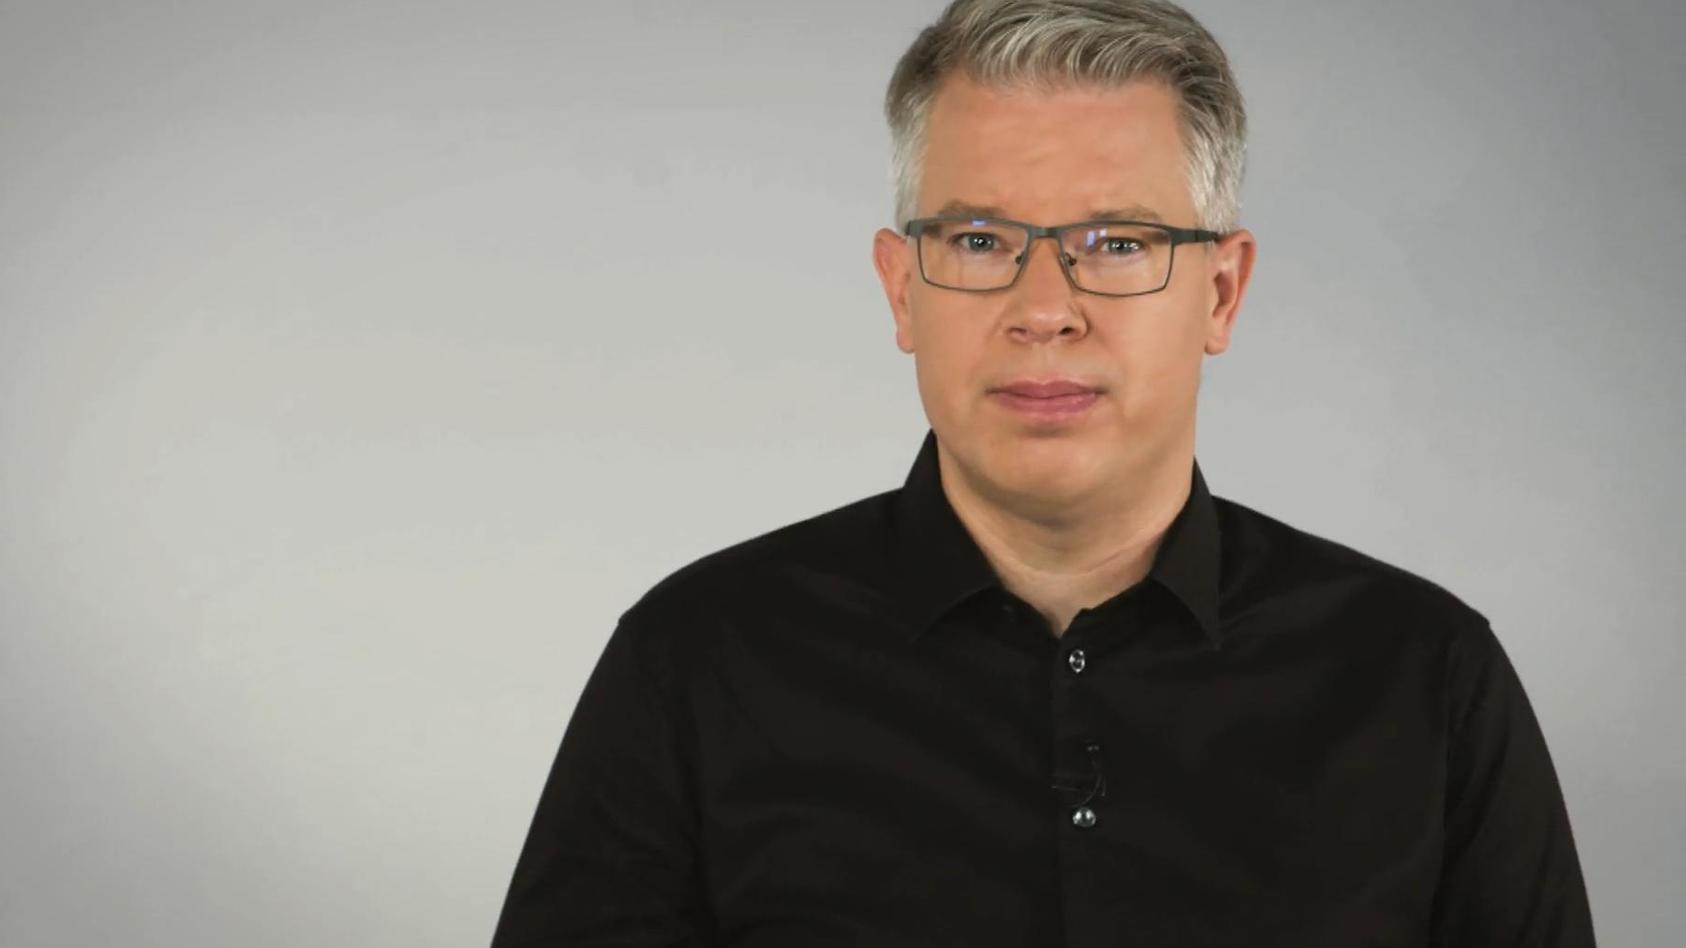 Frank Thelen schließt eine Auswanderung je nach Ergebnis der Bundestagwahl nicht aus.